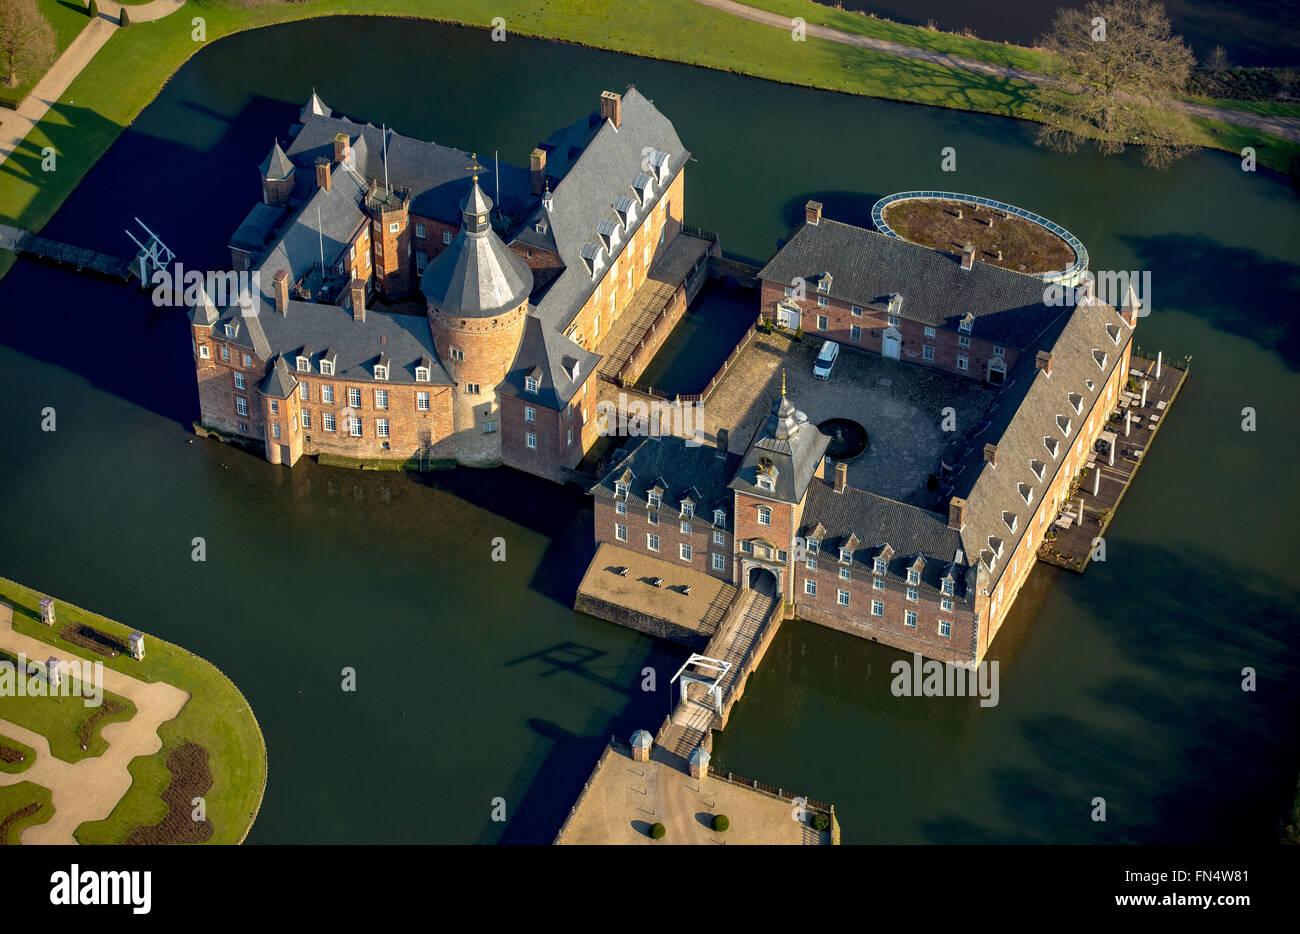 Luftaufnahme, Museum Anholt Schloss, Romantik Parkhotel Wasserburg Anholt, Burg, zurück, zurück, Niederrhein, Stockbild